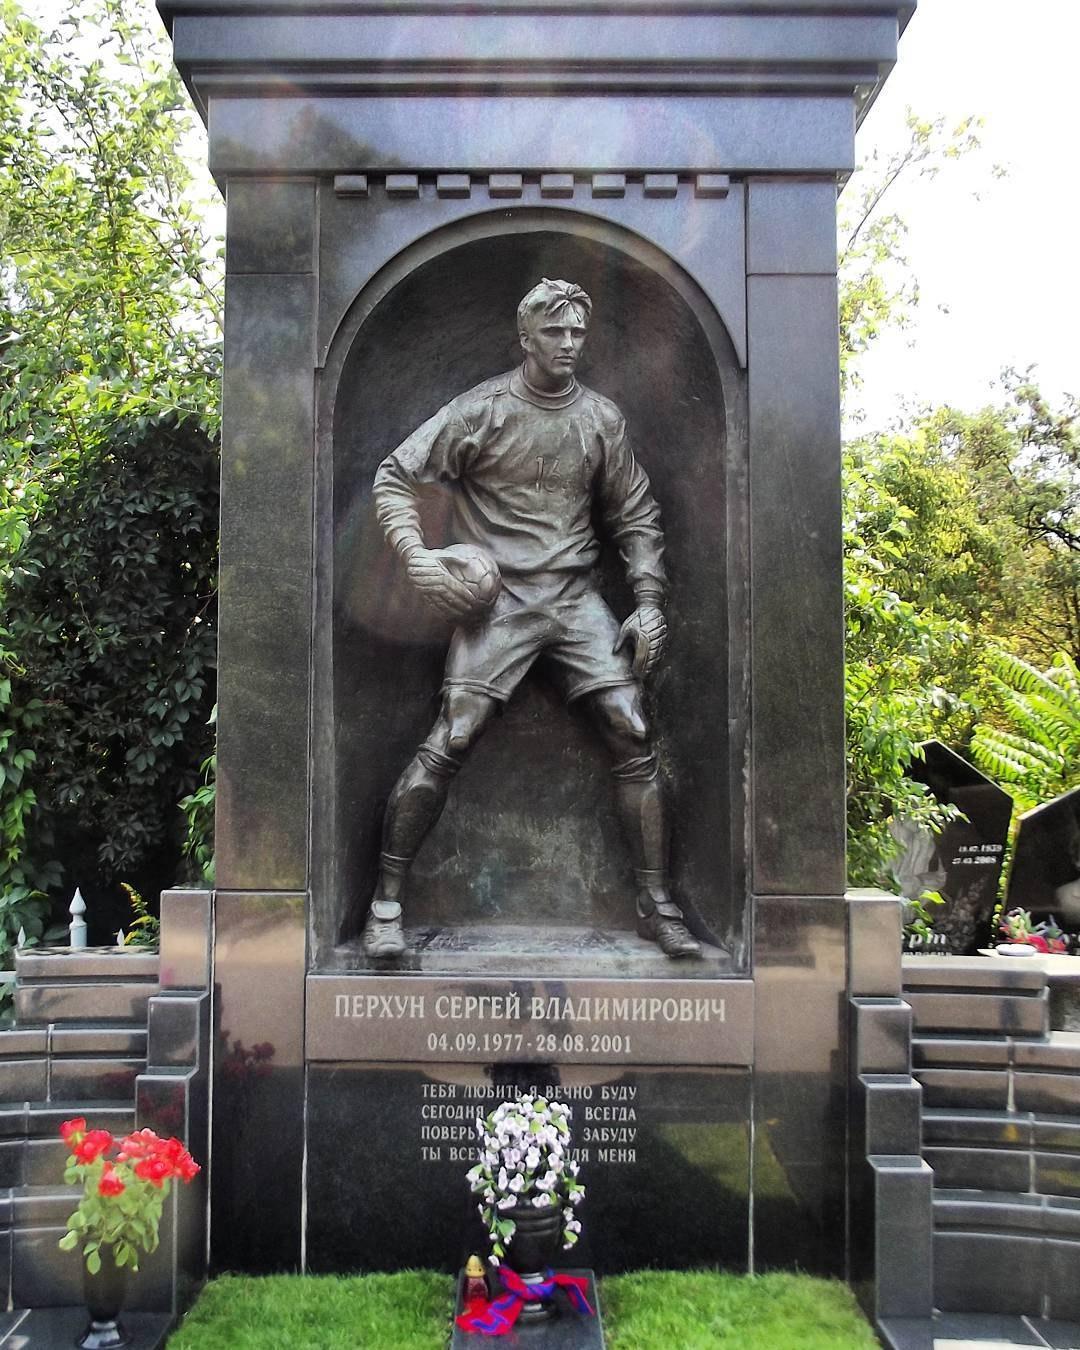 20 лет назад умер вратарь ЦСКА Сергей Перхун. Из-за травмы головы, полученной в матче с «Анжи»